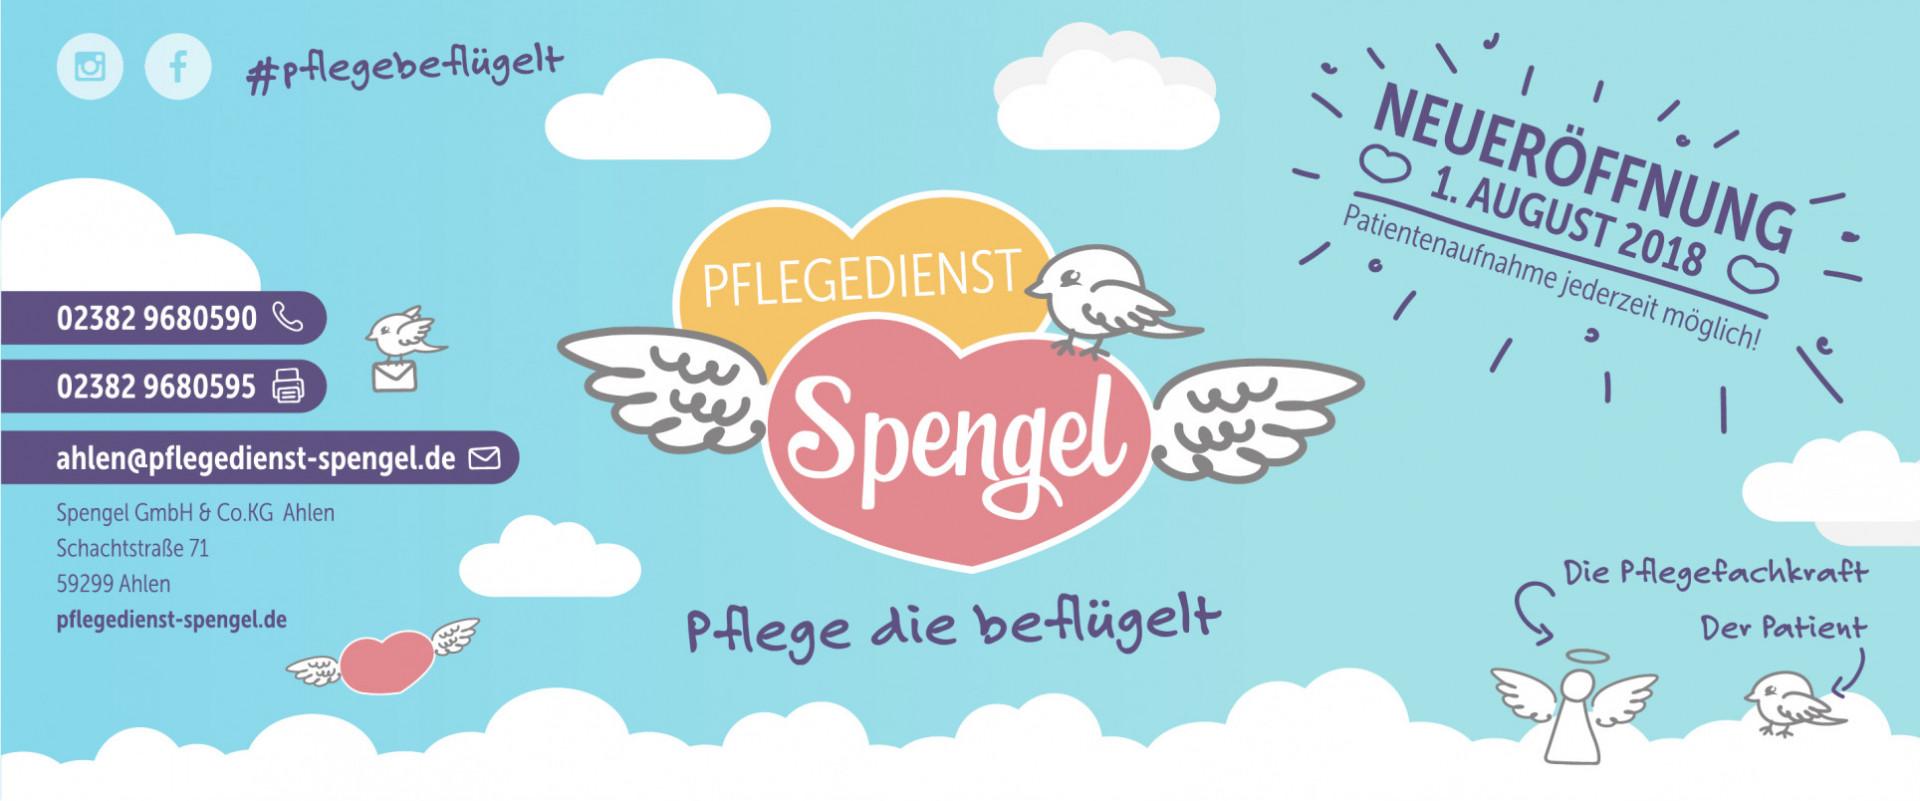 Spengel GmbH & Co. KG Ahlen